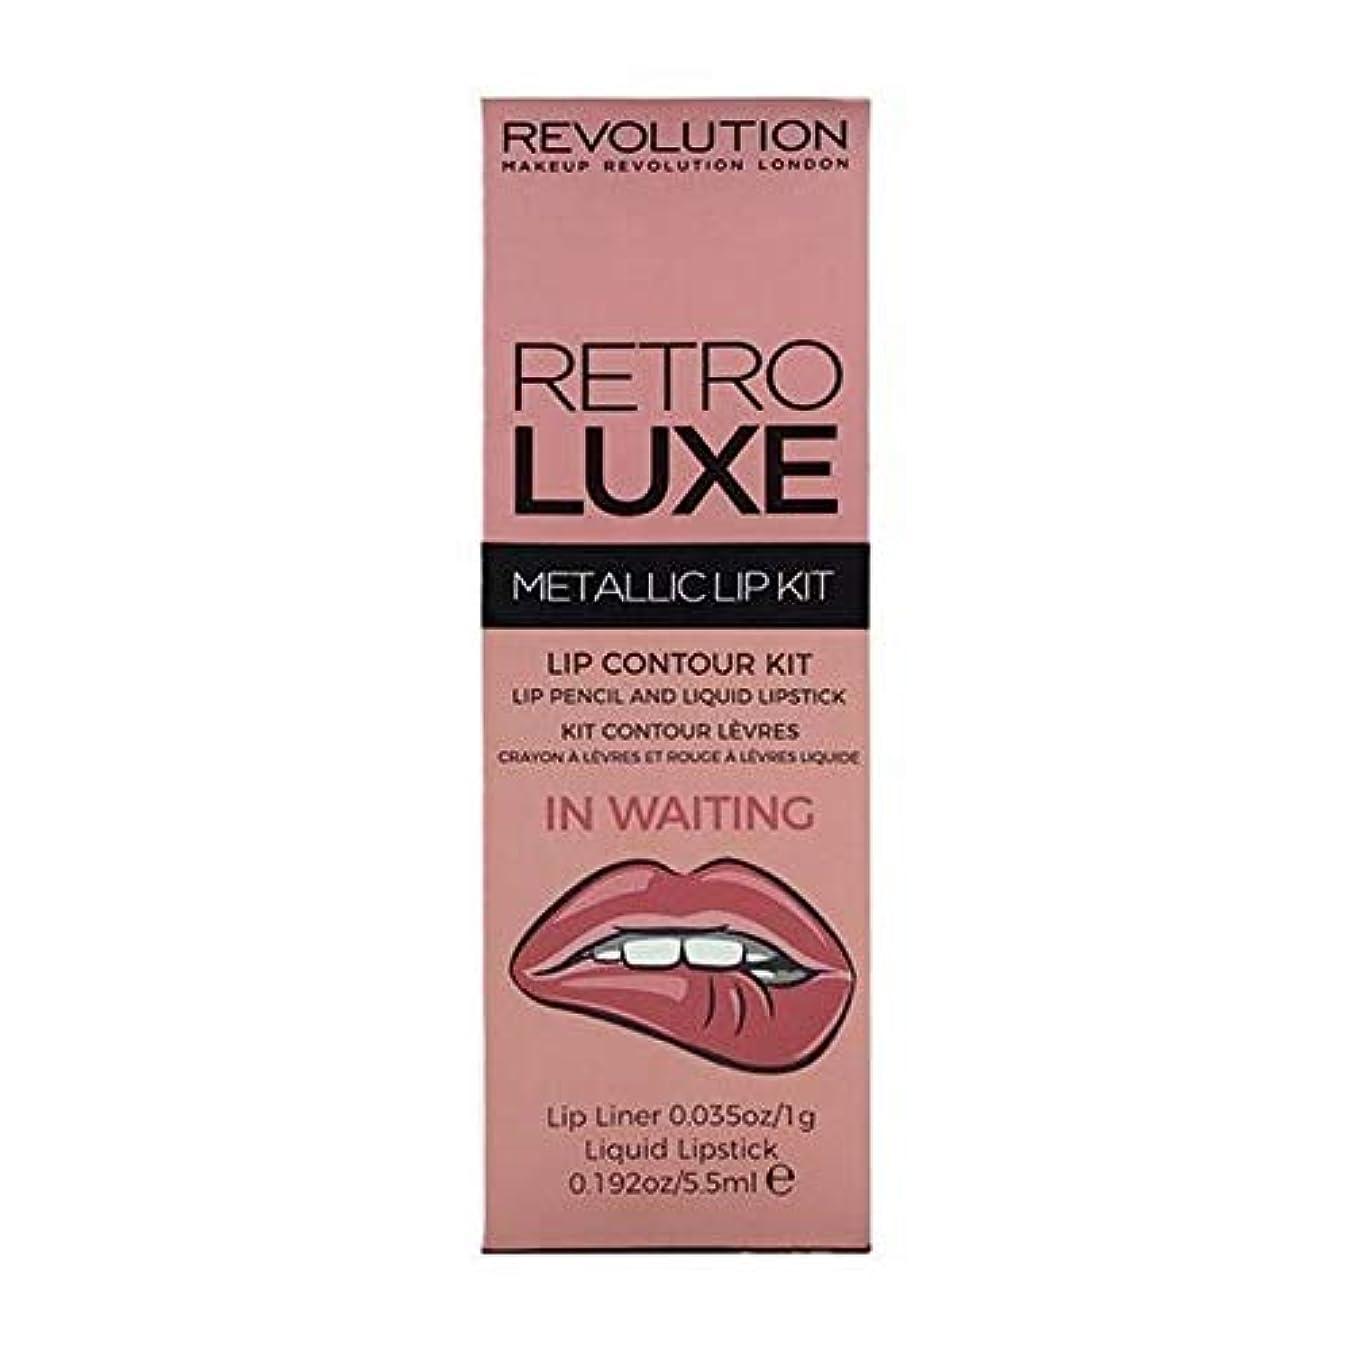 ウェブ前提ハーブ[Revolution ] 待っているの革命レトロデラックスキットメタリック - Revolution Retro Luxe Kits Metallic In Waiting [並行輸入品]